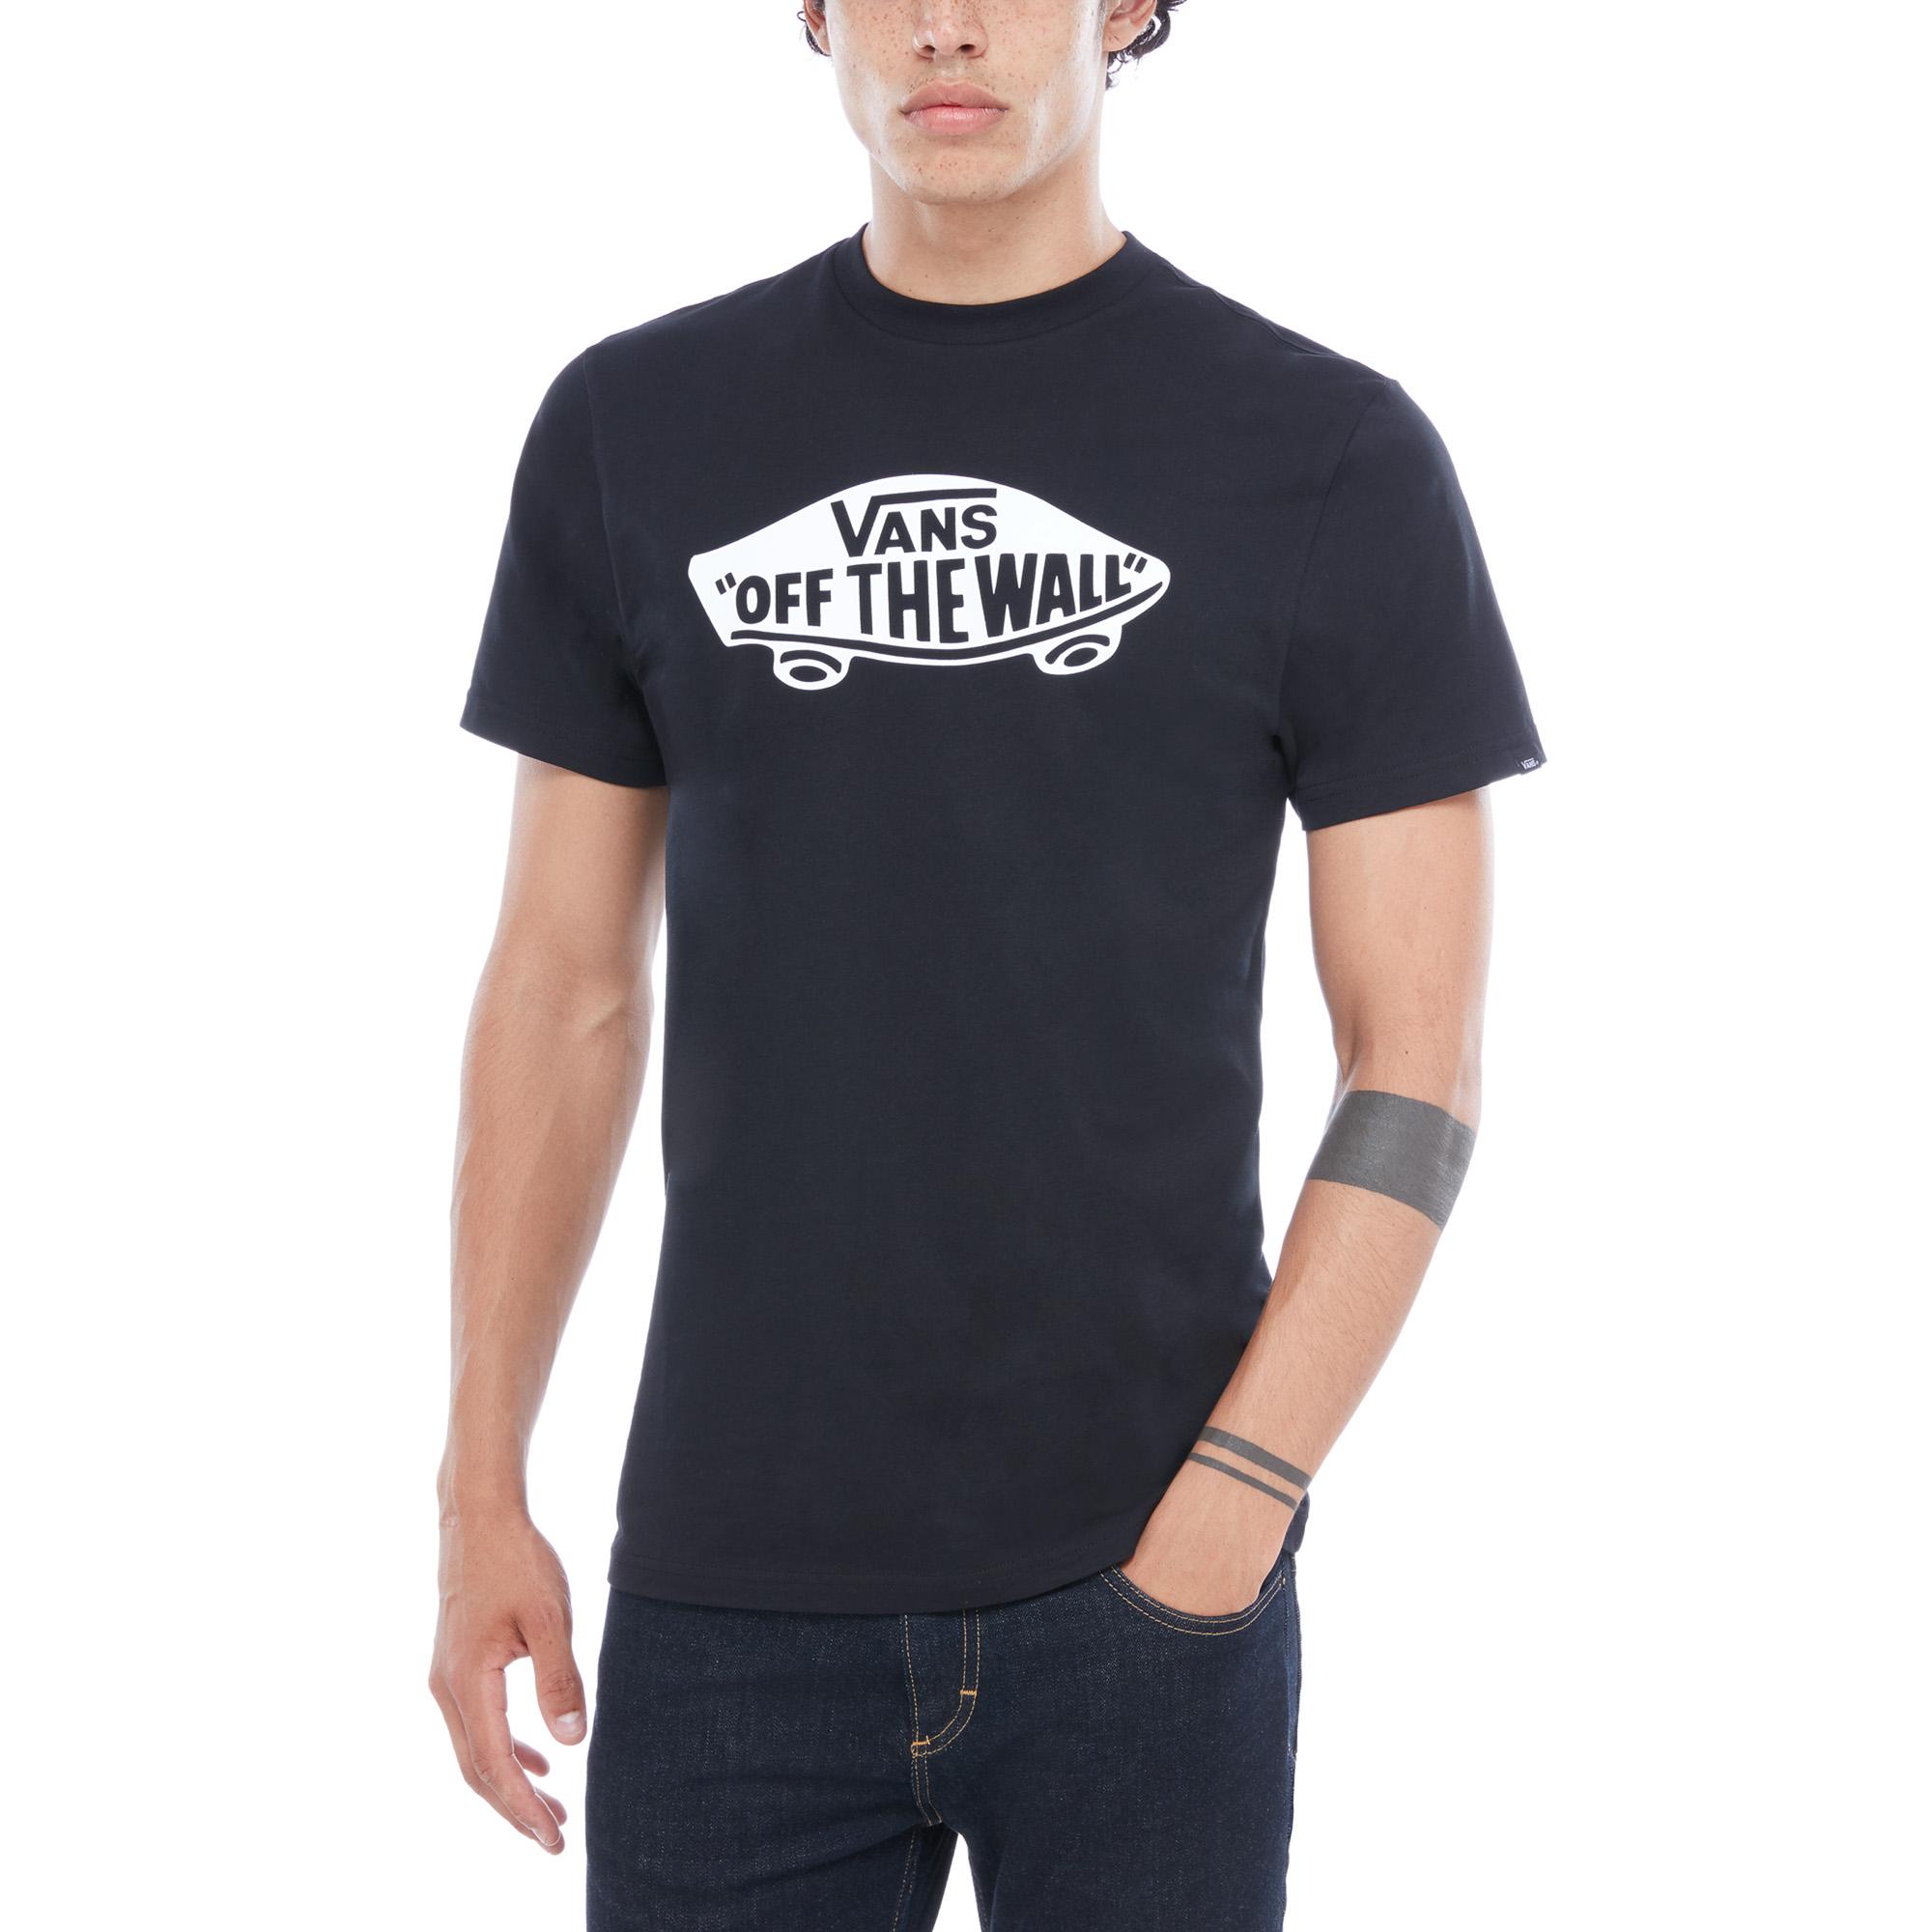 Футболка OTWФутболки<br>Vans OTW T-Shirt - футболка из 100% хлопка с логотипом Off The Wall на груди. Посадка: классическая. Рост модели 183 см. Размер М.<br><br>Цвет: Черный/Белый<br>Размер INT: XL<br>Материал: 100% Хлопок<br>Пол: Men